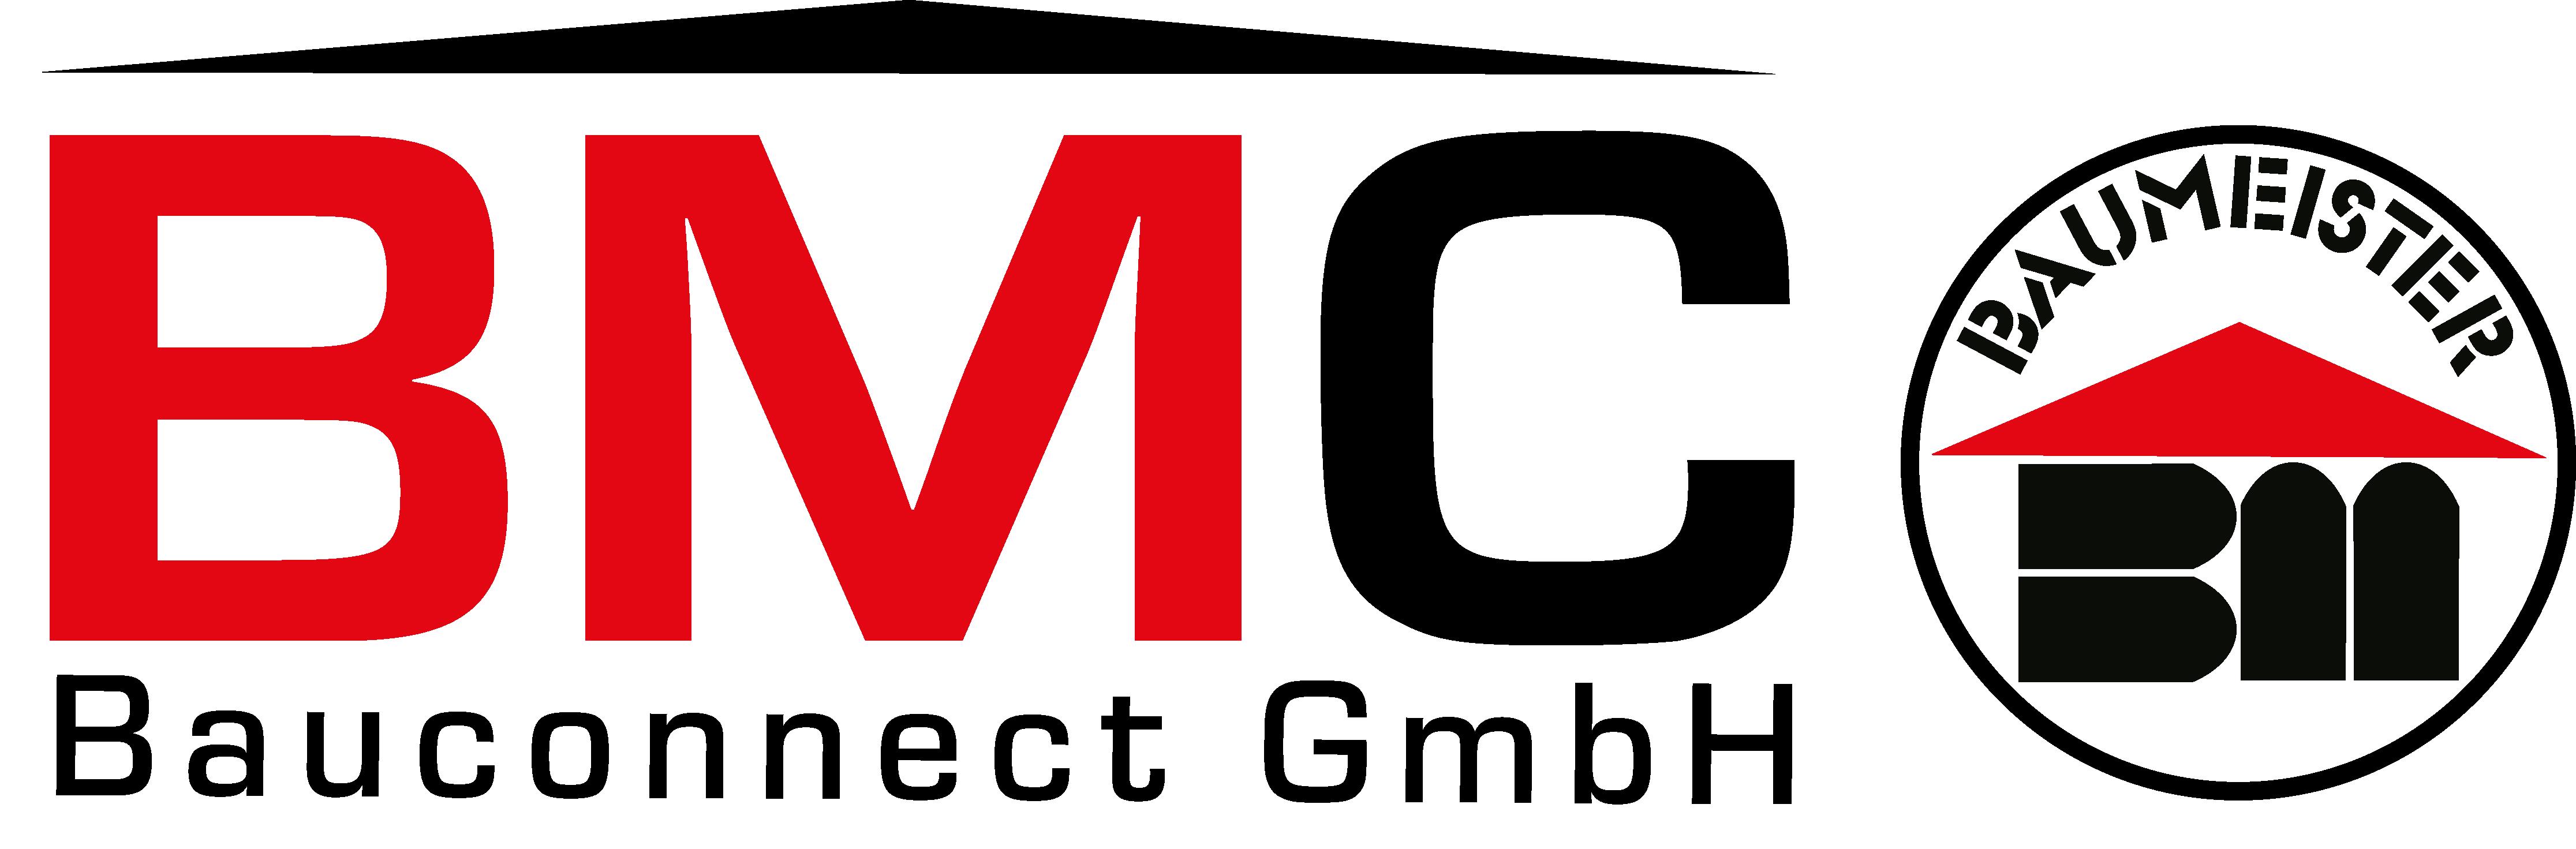 Bauconnect GmbH – Baumeister Christian Faschauner